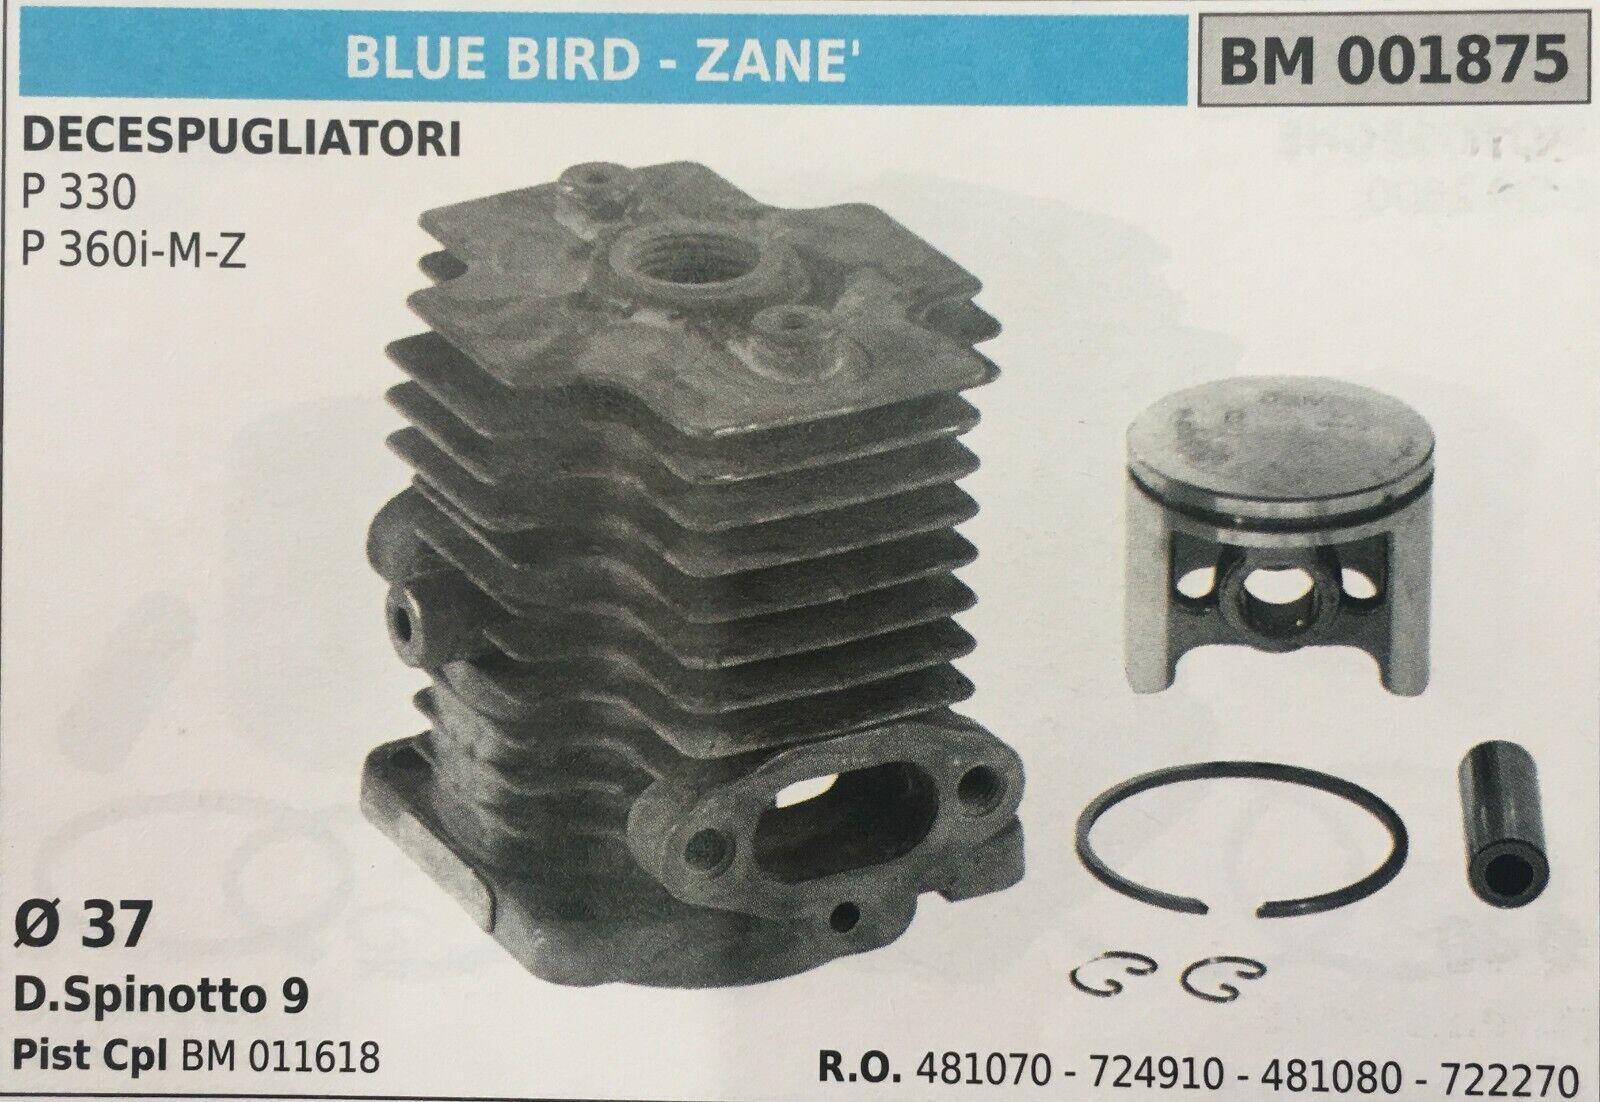 Cilindro Completo por Pistón y Segmentos Brumar BM001875 blå Bird - Zane '